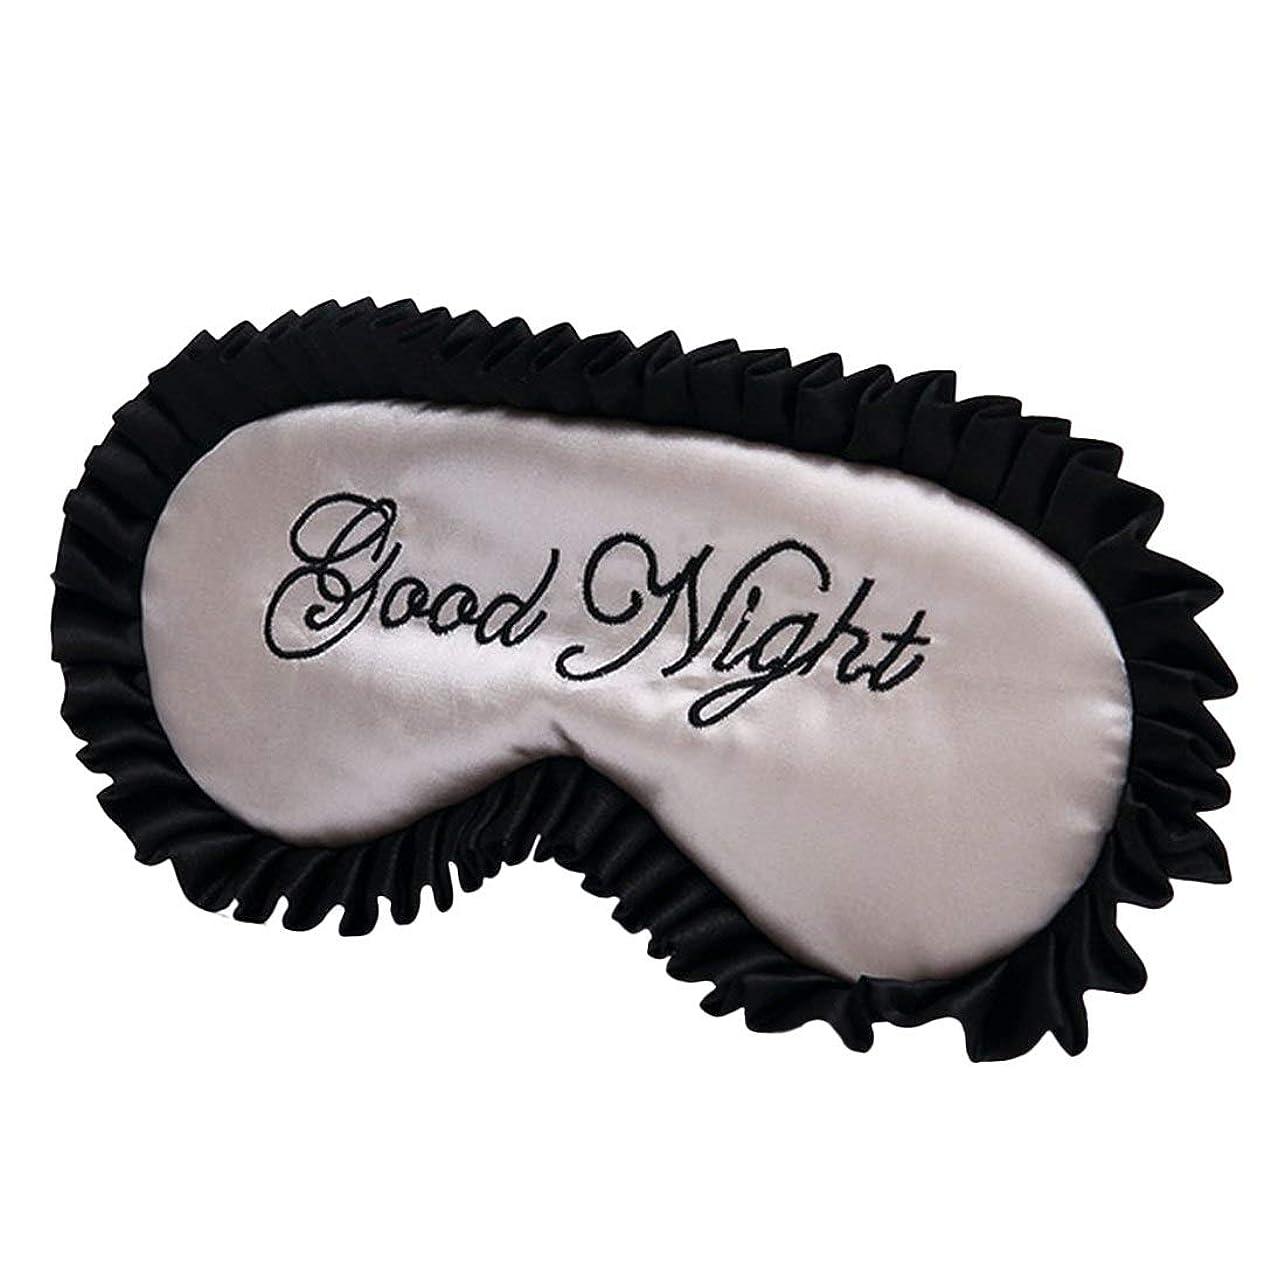 落ち着いて民主主義高さNOTE 旅行および家のためのレースの刺繍された睡眠の美の陰のゴーグル/快適な模倣の絹のサテンの単語の睡眠のマスクのアイカバー